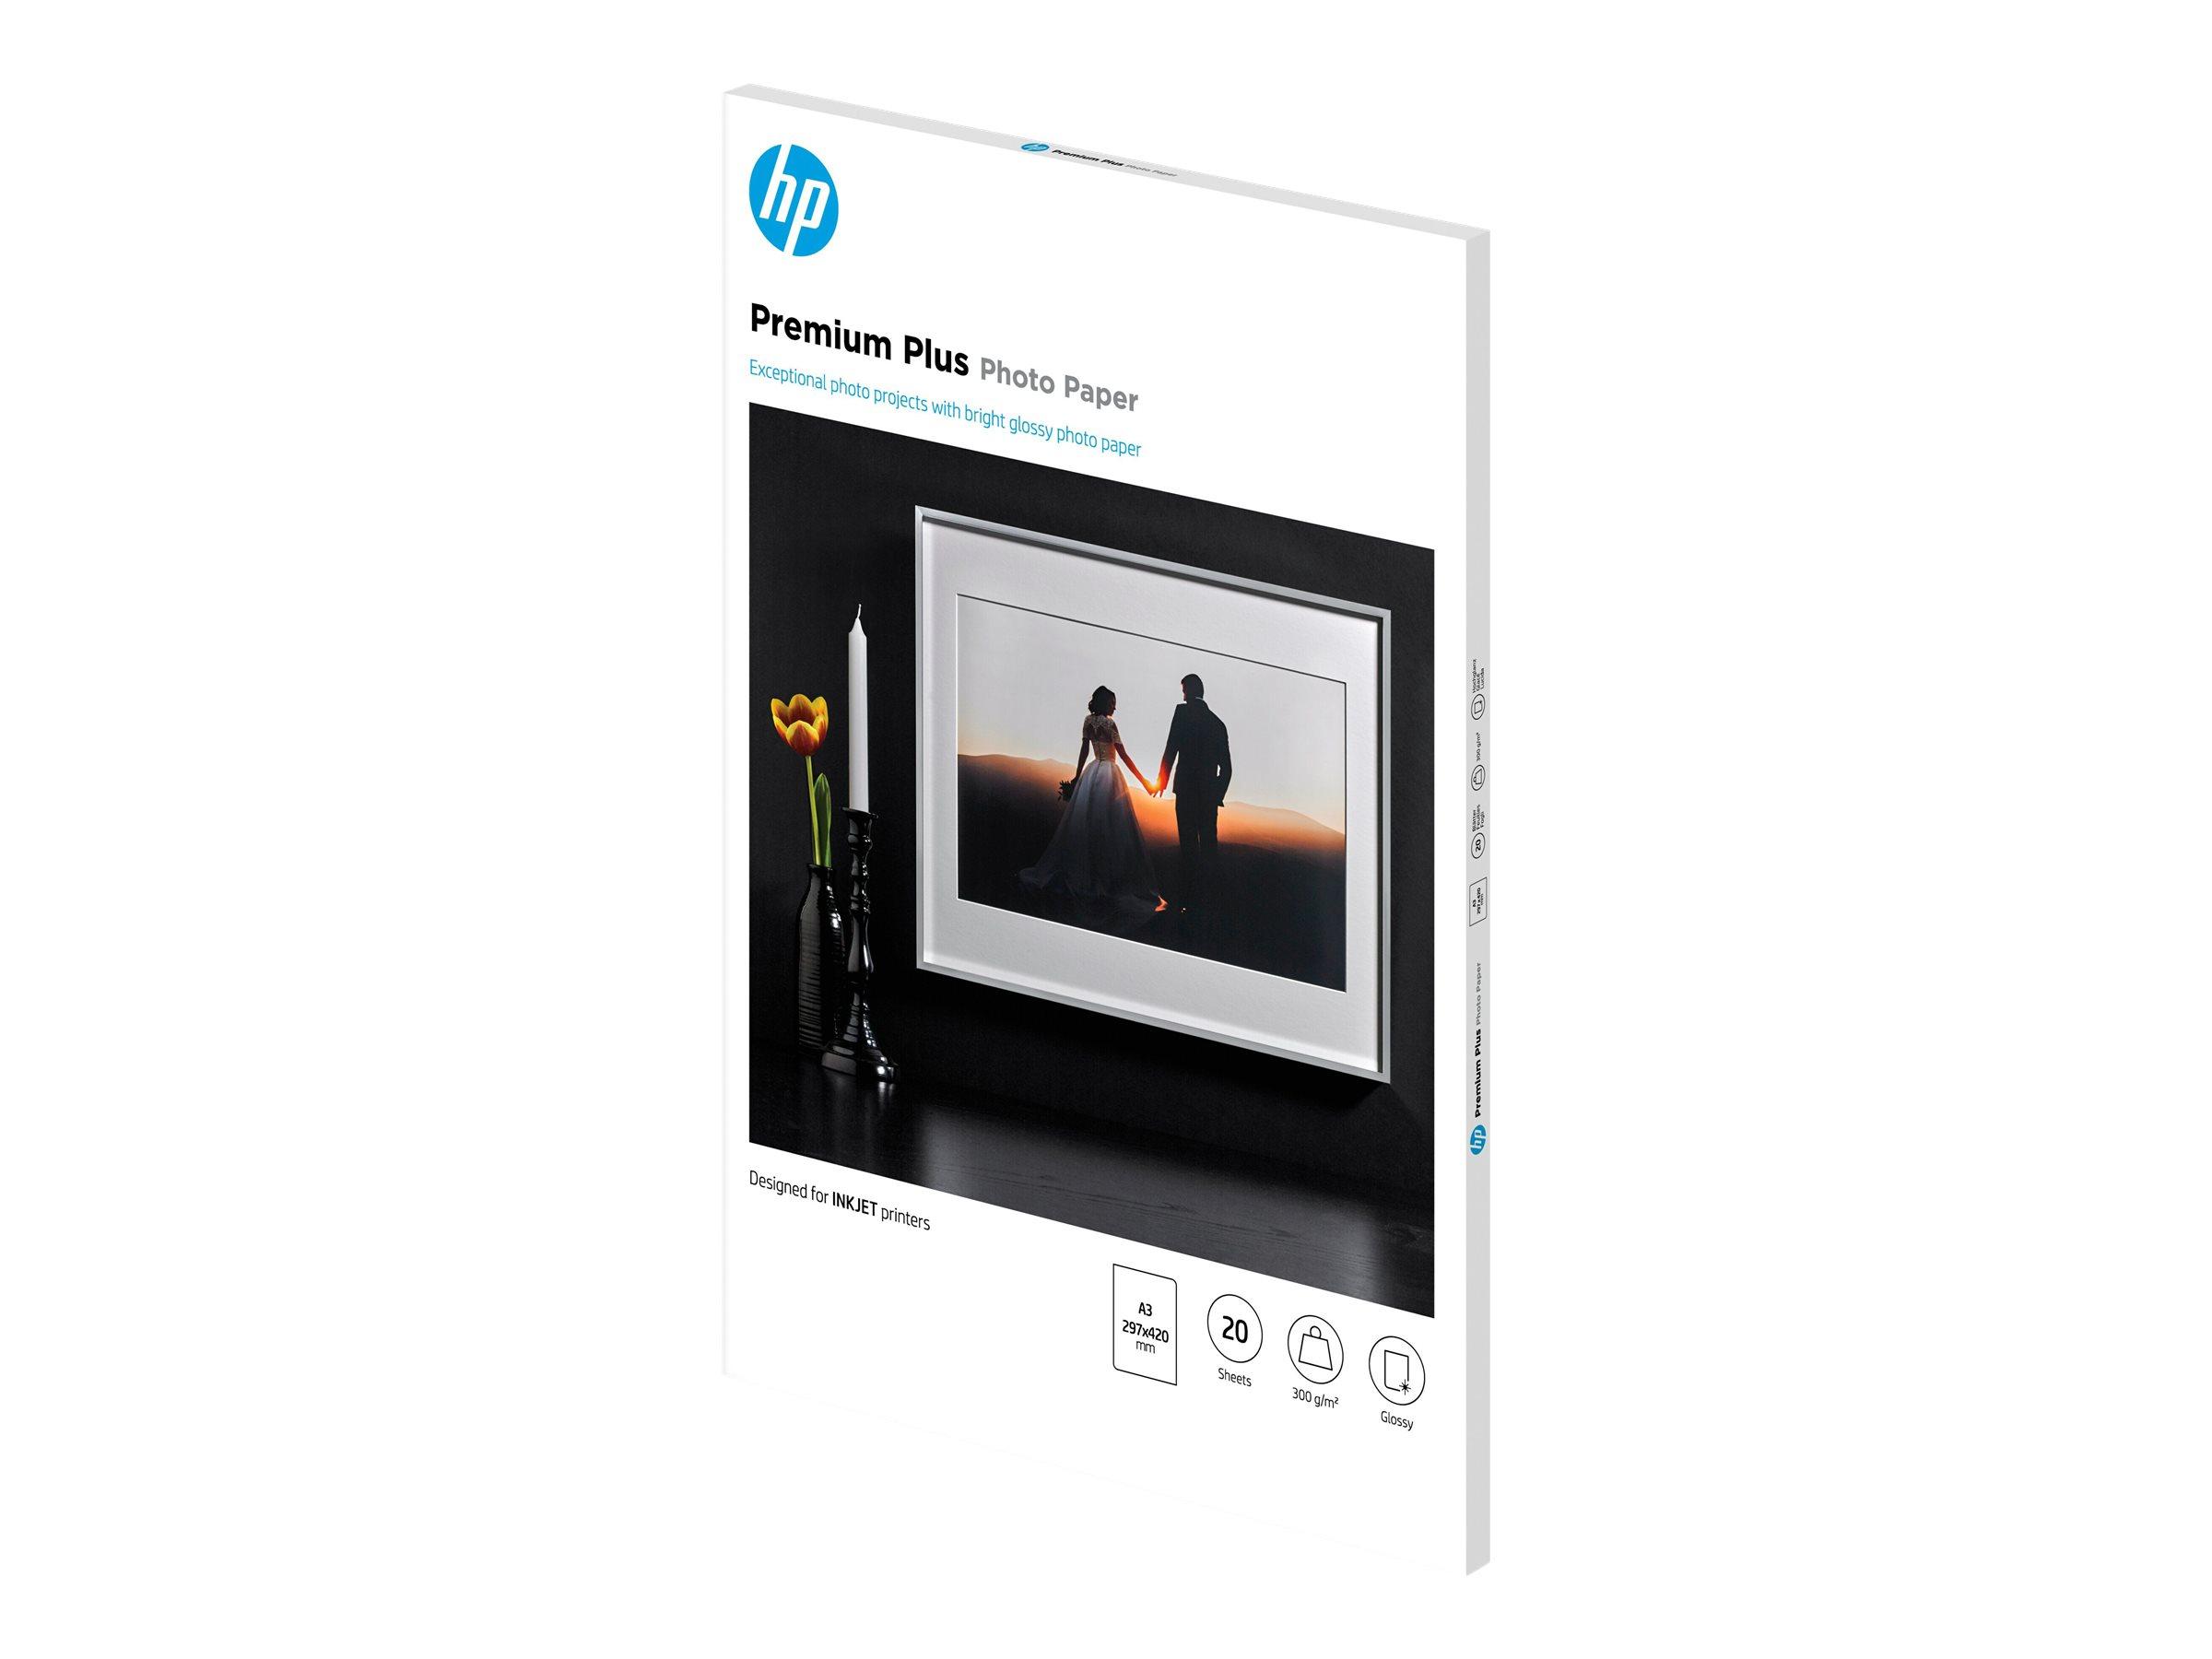 HP Premium Plus Photo Paper - Glänzend - A3 (297 x 420 mm) - 300 g/m² - 20 Blatt Fotopapier - für Officejet 7000 E809, 75XX; Off